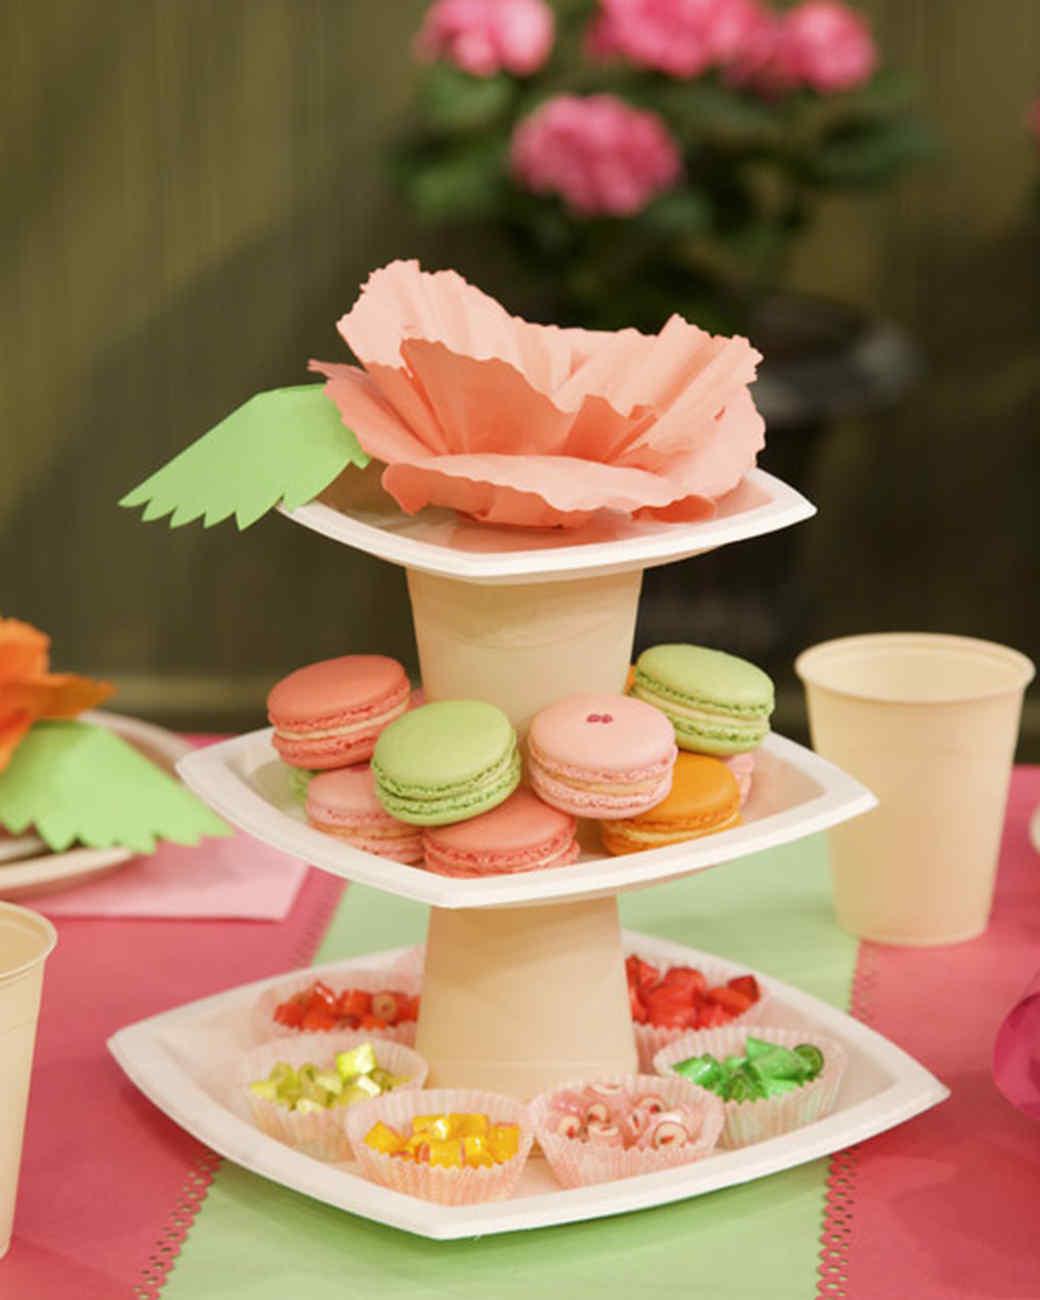 Geburtstagsparty DIY Deko - Kindergeburtstag -10+ Ideen Bastelideen Kinderparty Deko -Büffet Deko Pappbecher